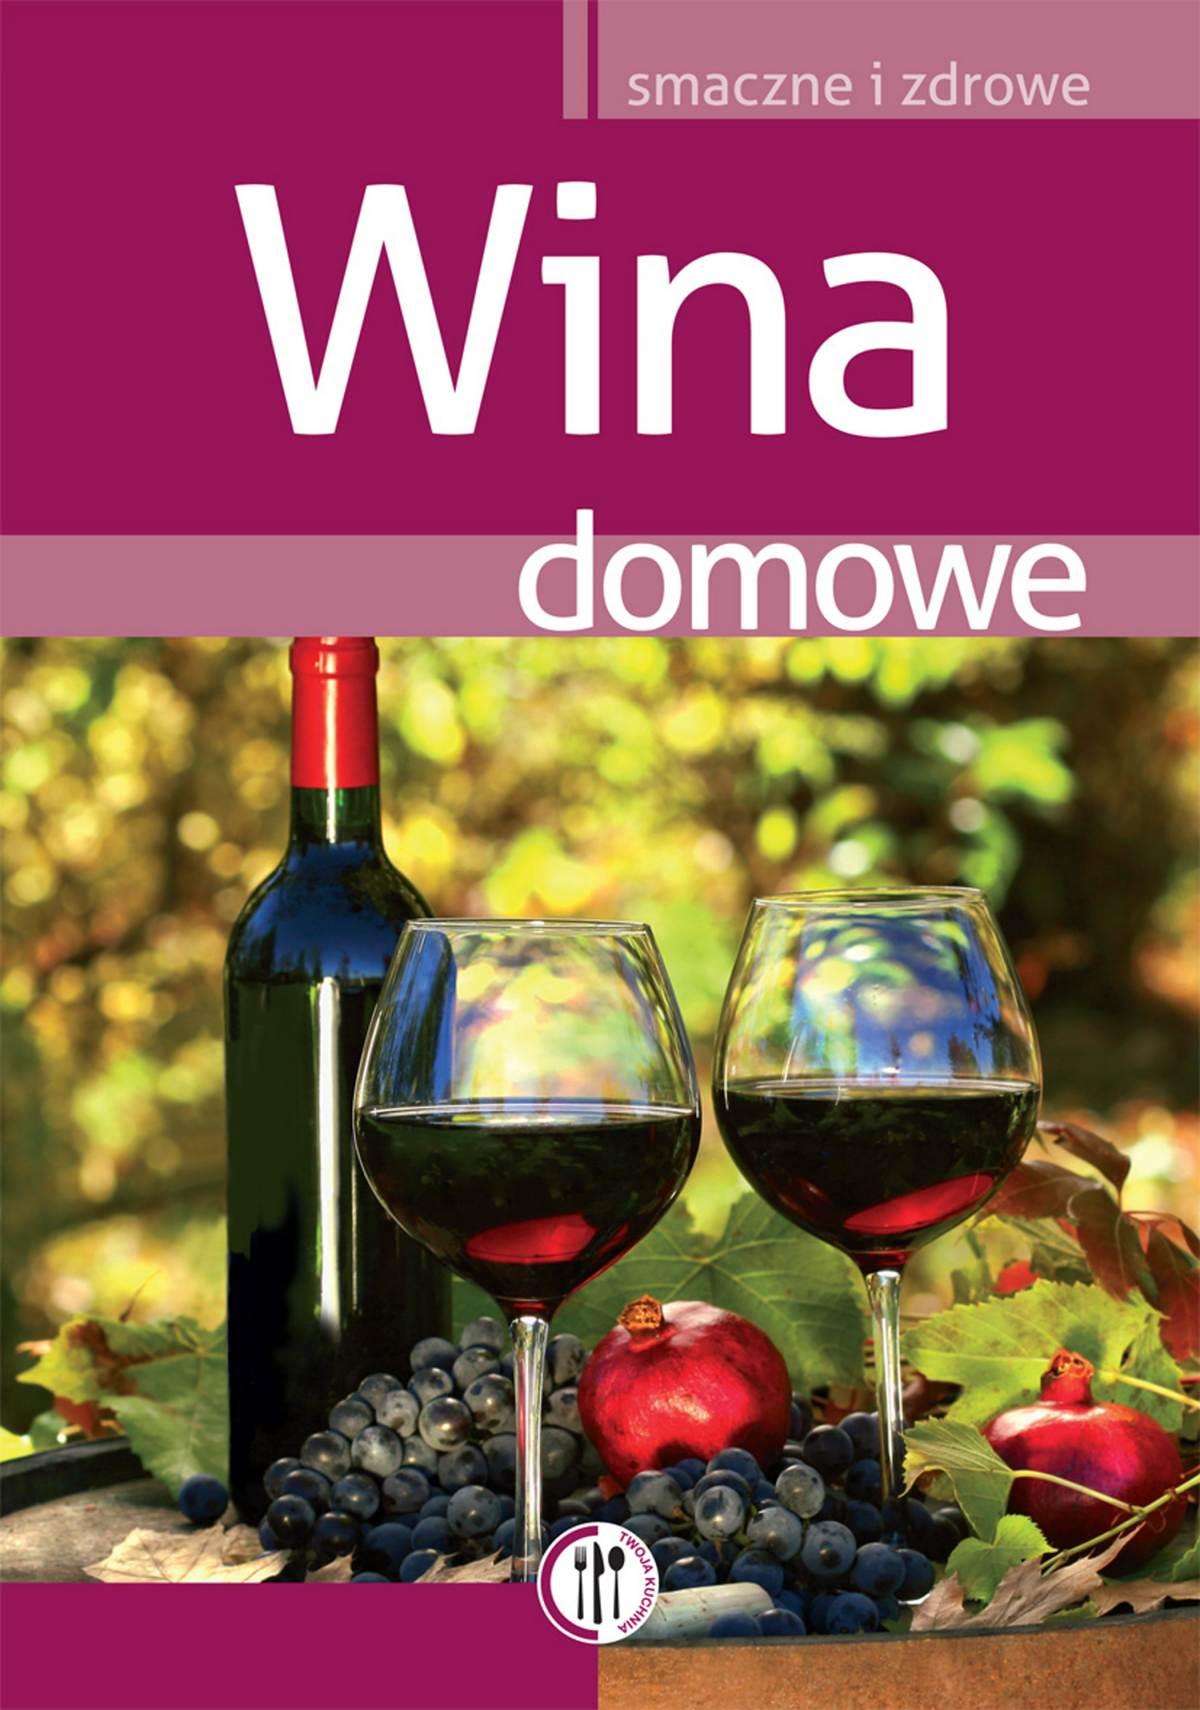 Wina domowe - Ebook (Książka PDF) do pobrania w formacie PDF